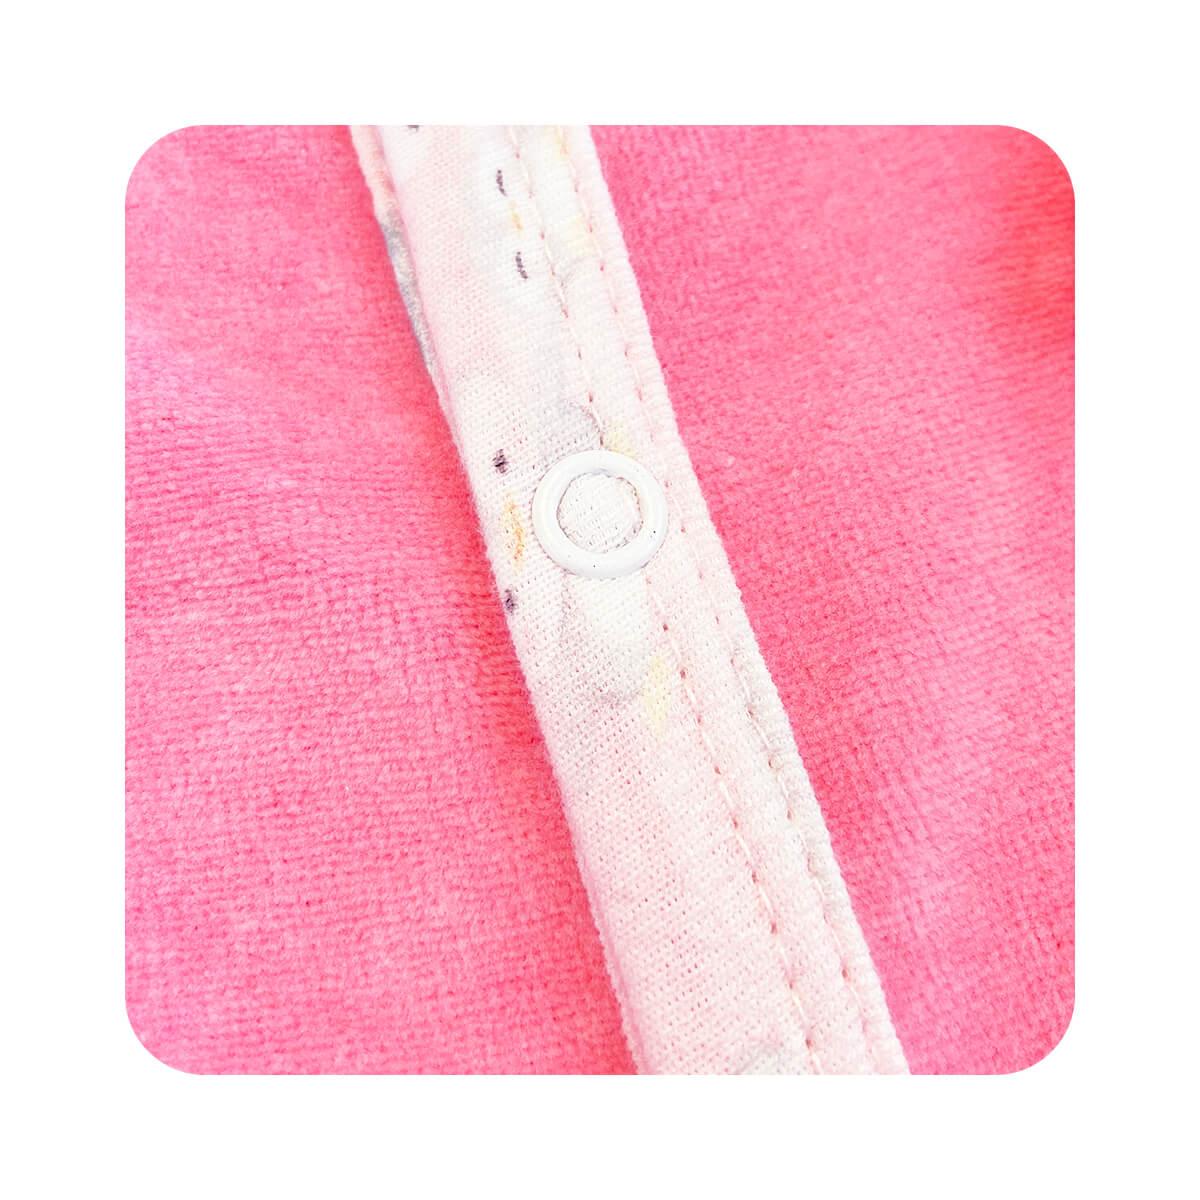 Macacão Plush Rosa - Todos os tamanhos com pezinho  - Piu Blu